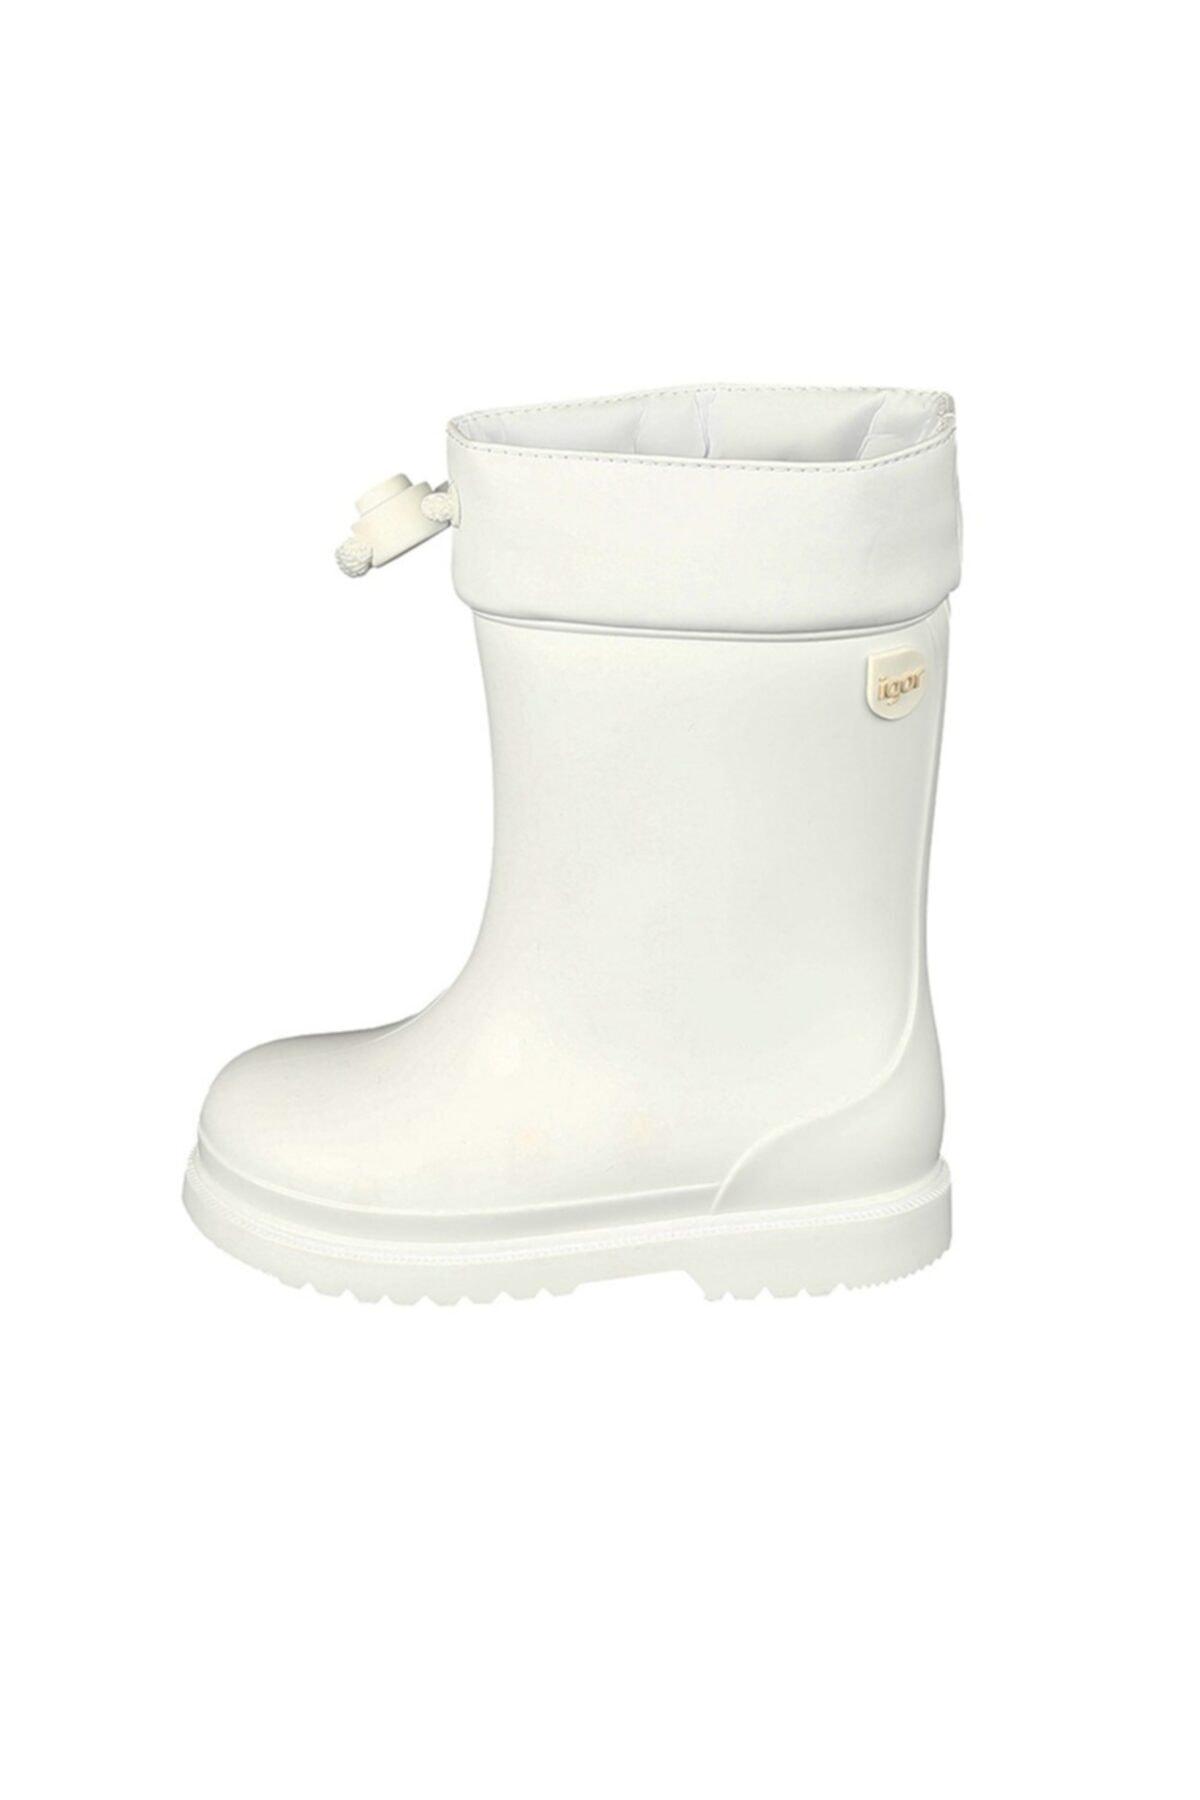 IGOR Chufo Cuello Çocuk Beyaz Yağmur Çizmesi 21-29 2